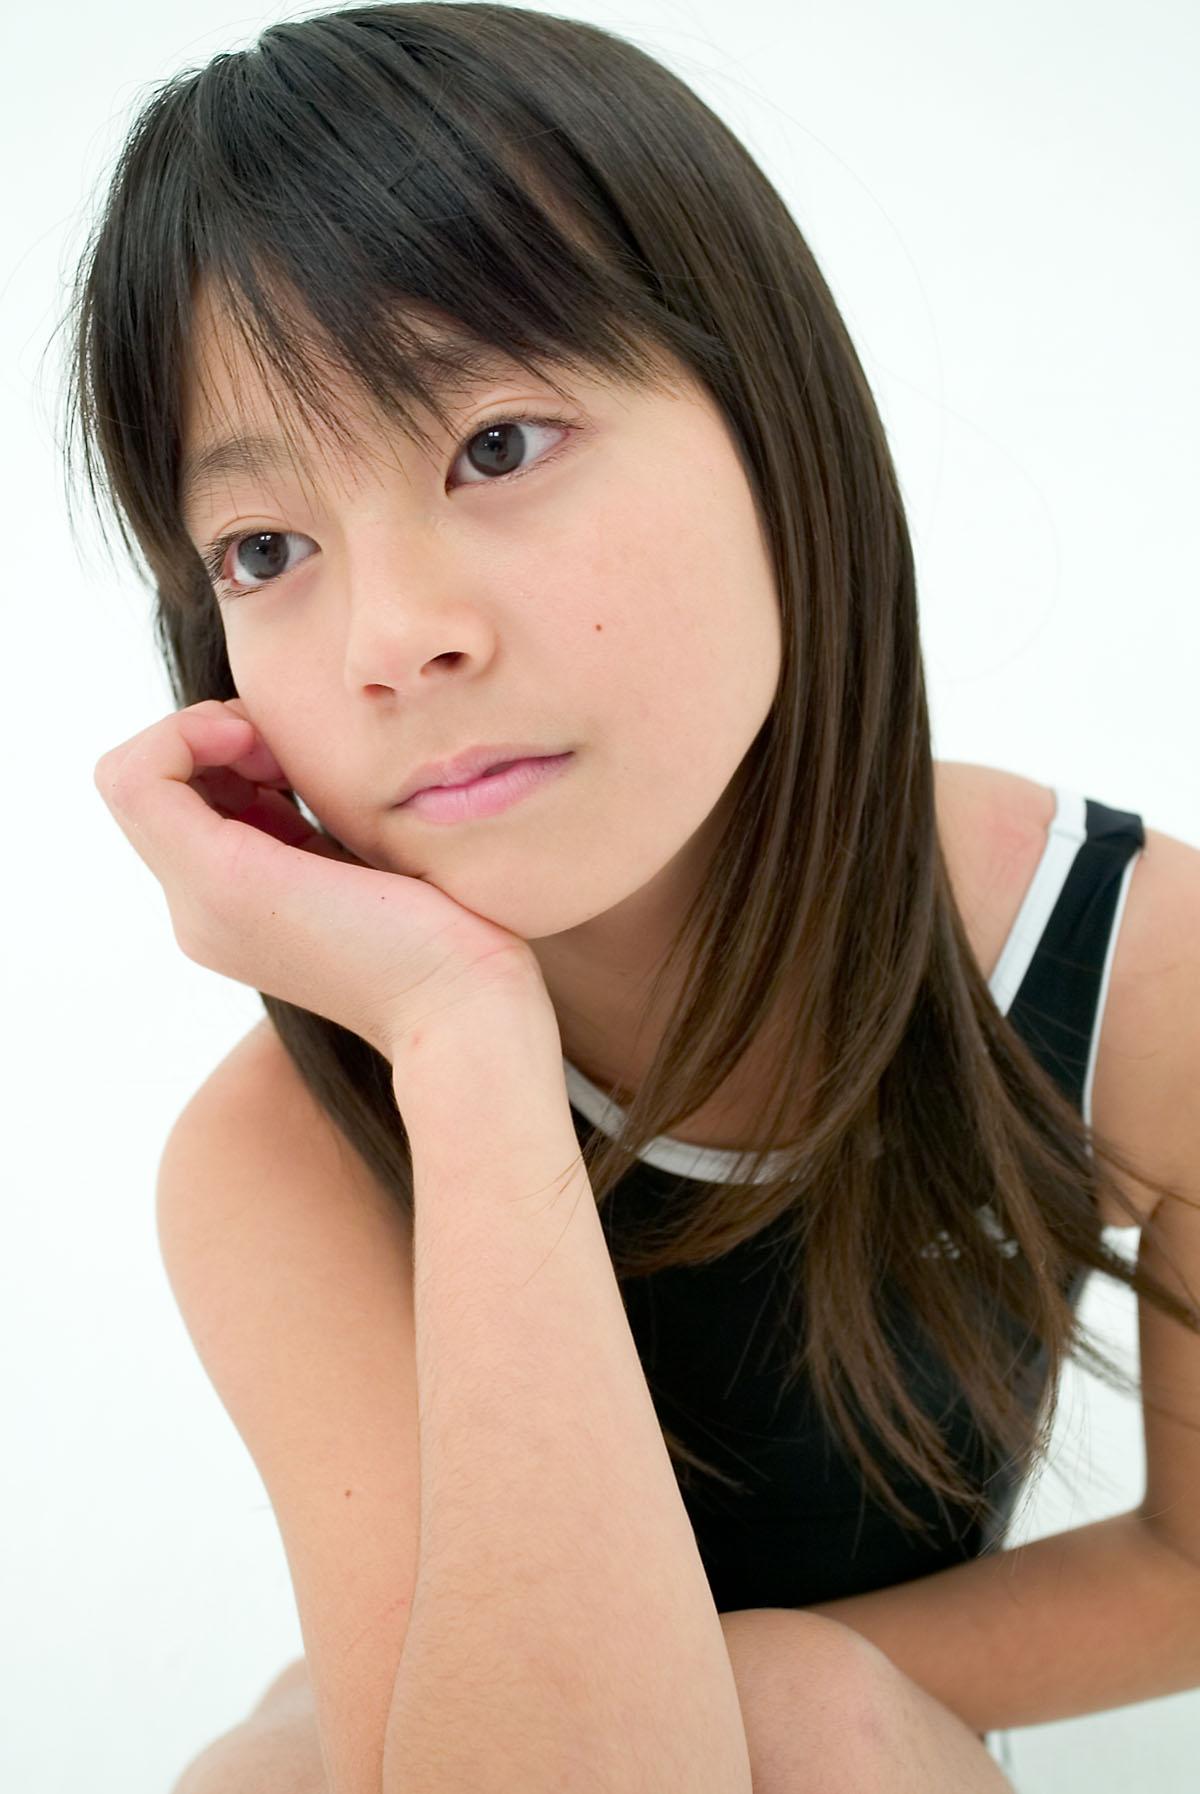 姓名:细川蓝 生日:1997年6月20日